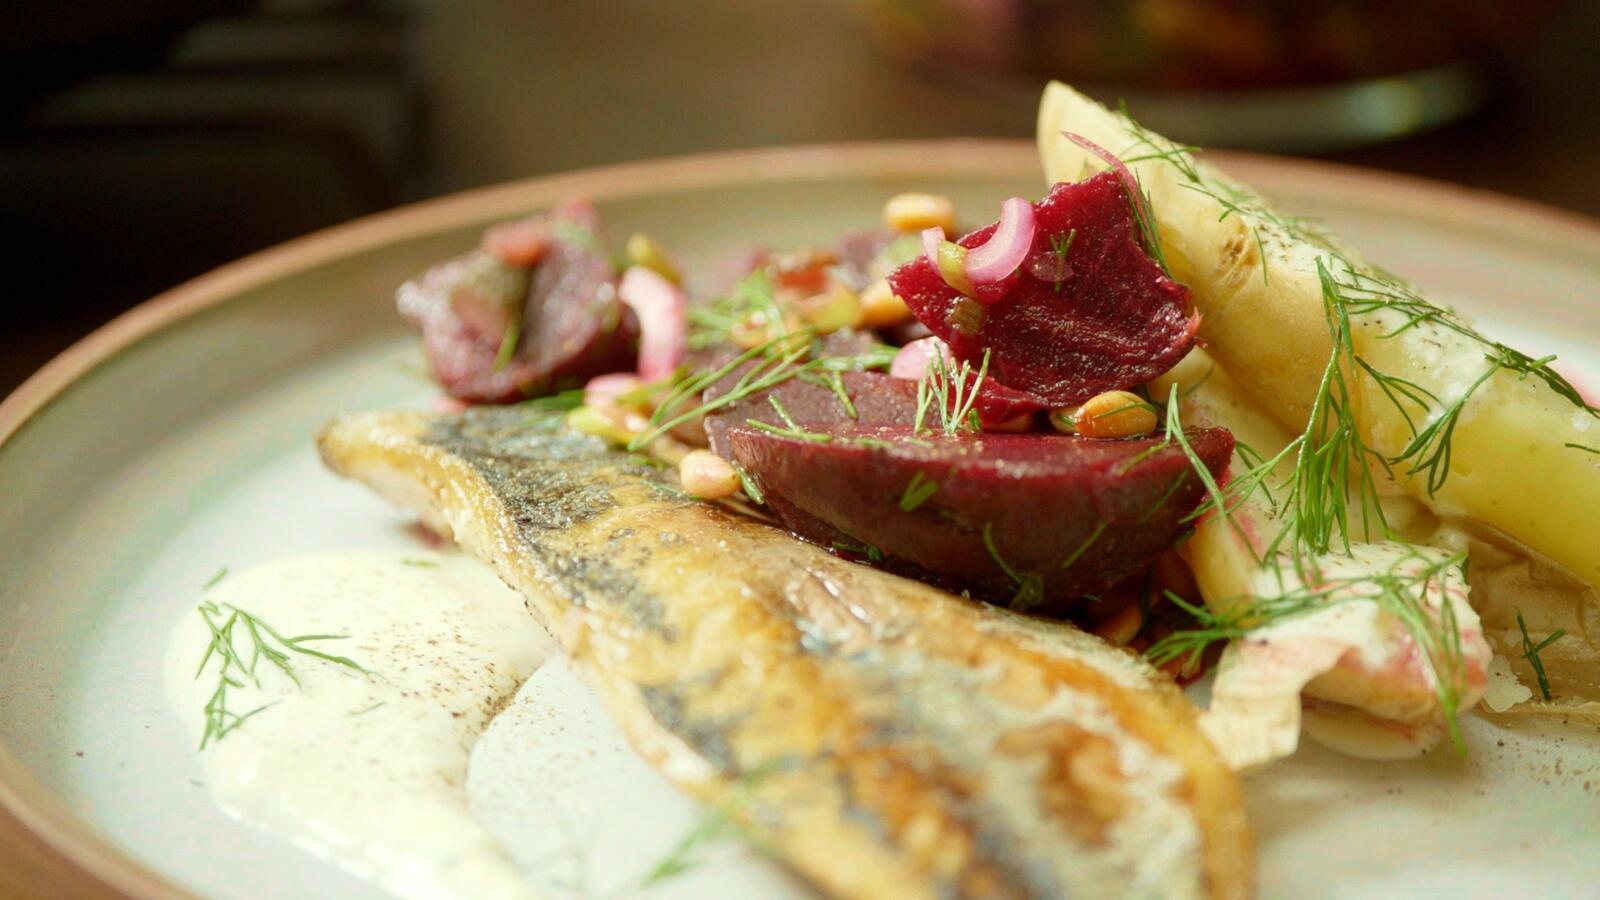 Makreel met aardappelen in de schil en rode biet